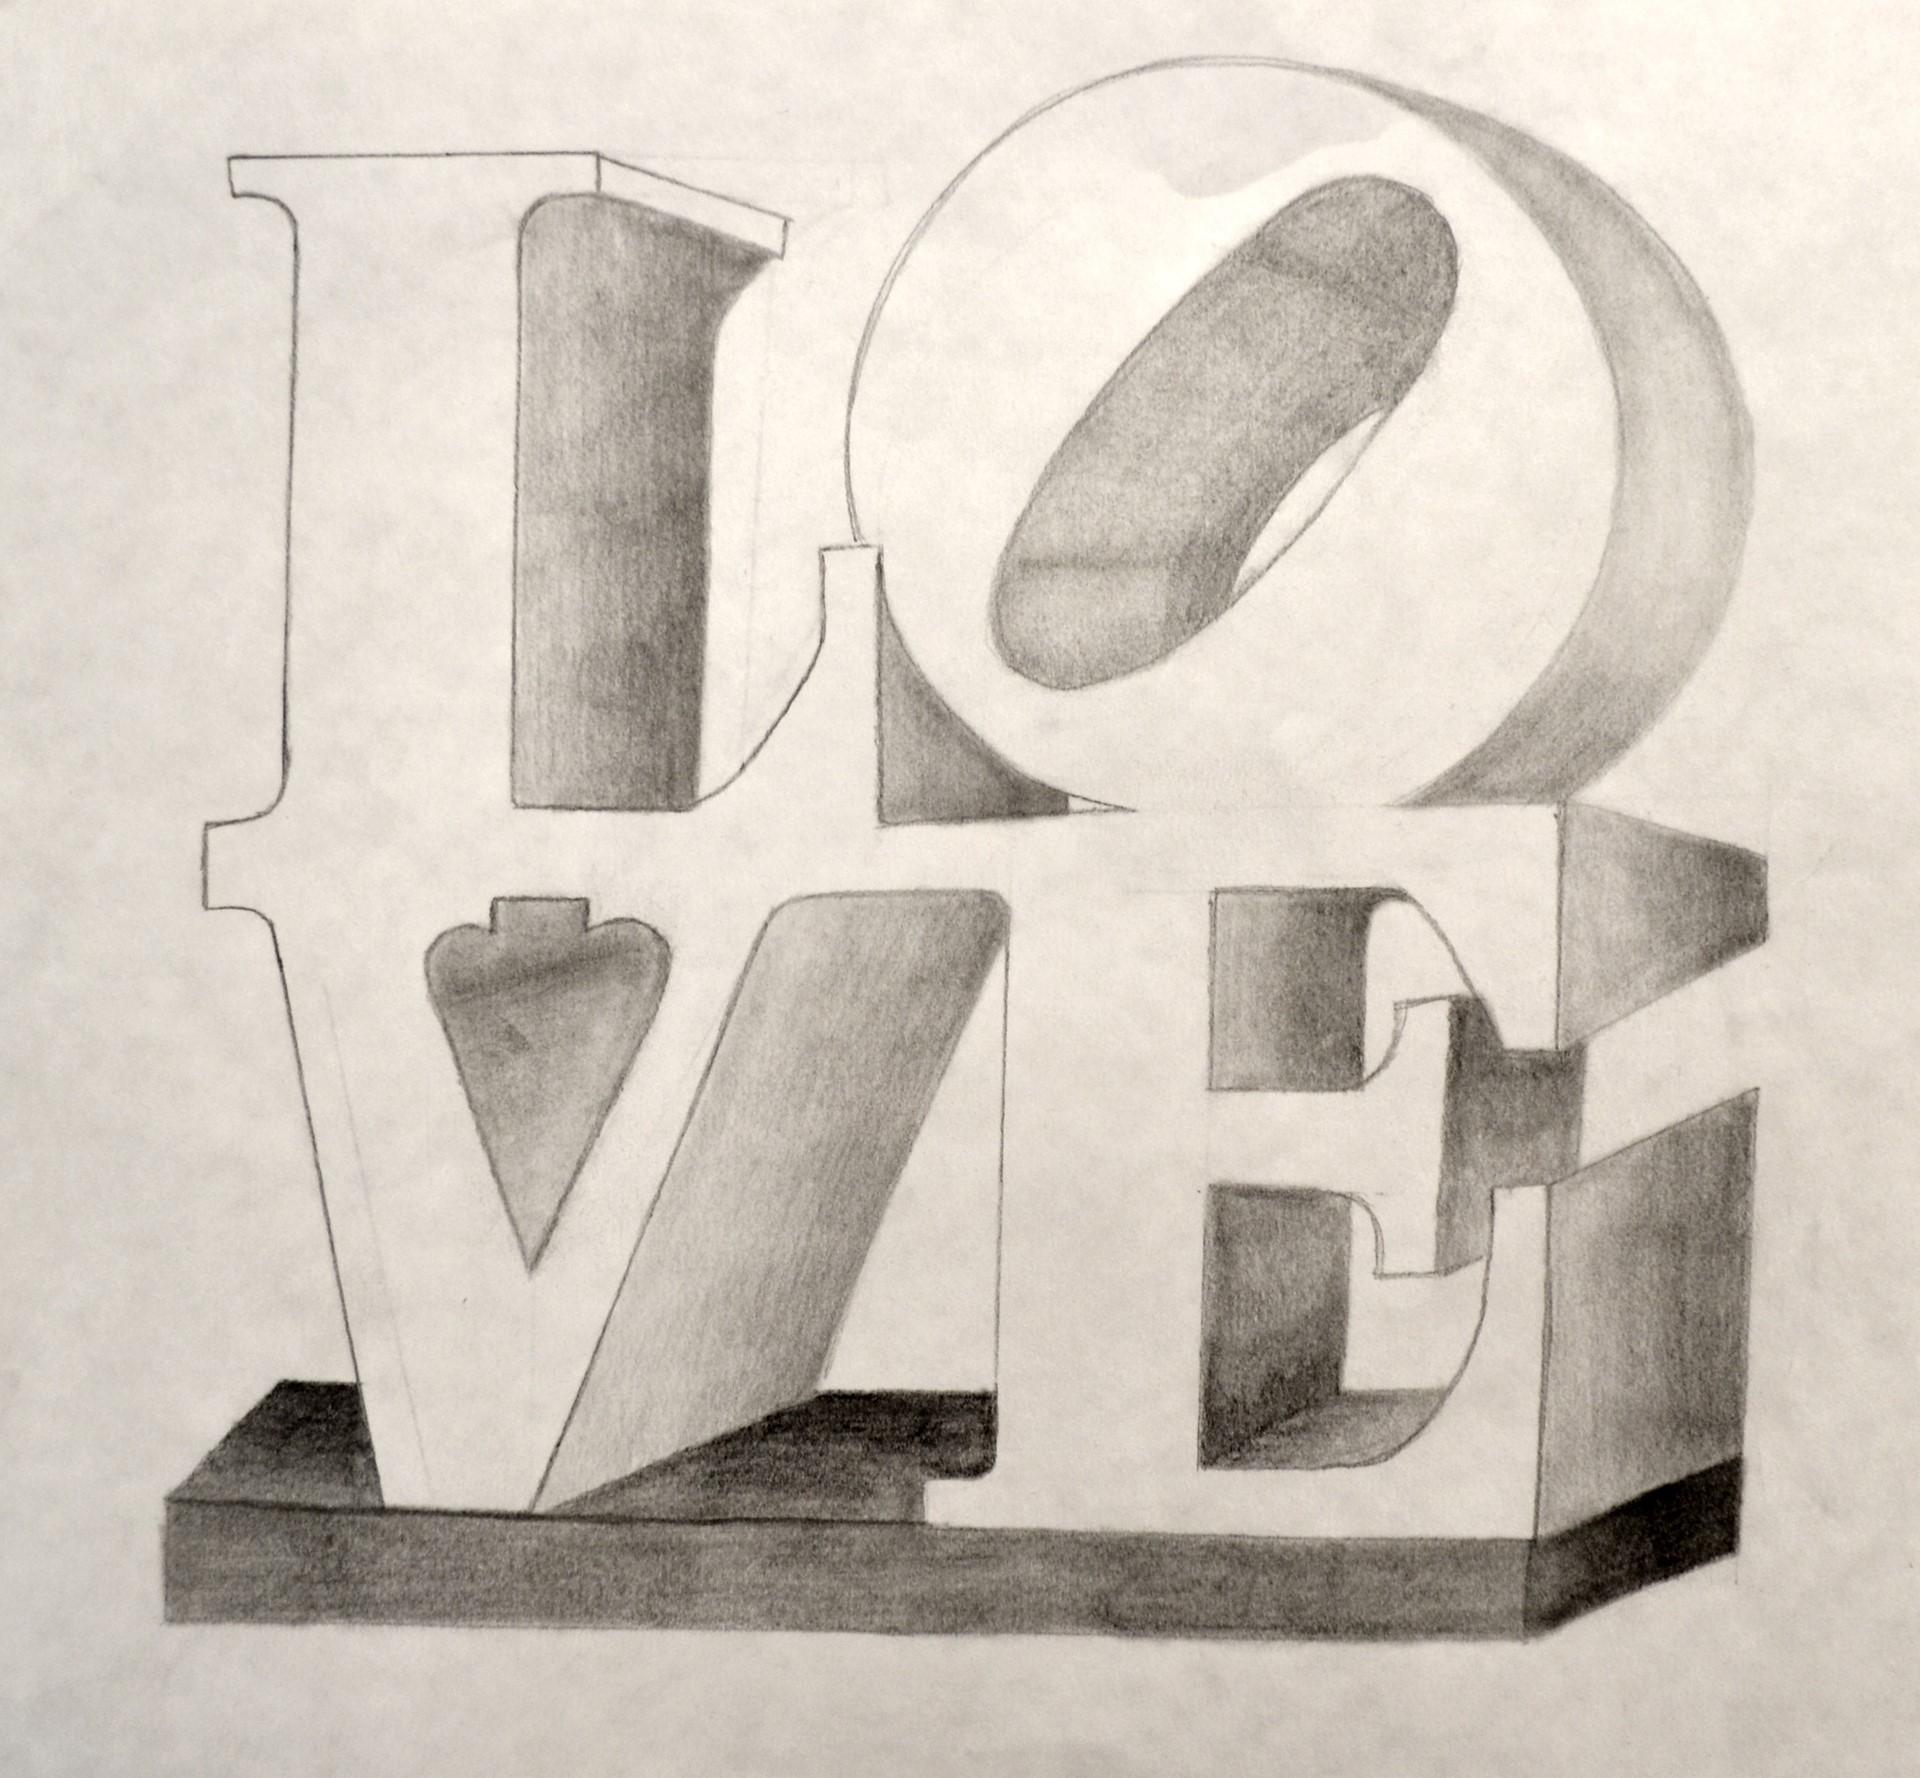 QUIANNA CHURCH, LOVE, graphite, 12 x 12, 2014